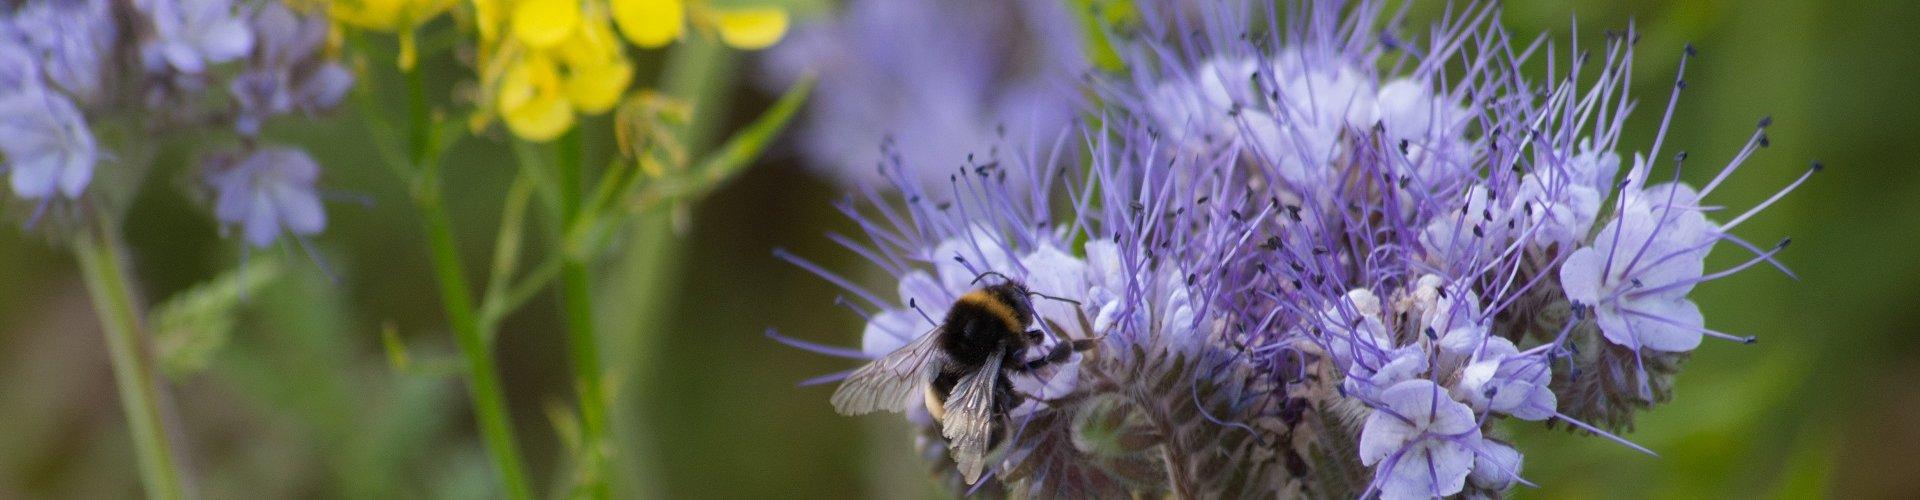 Bijen afbeelding Bijenstichting